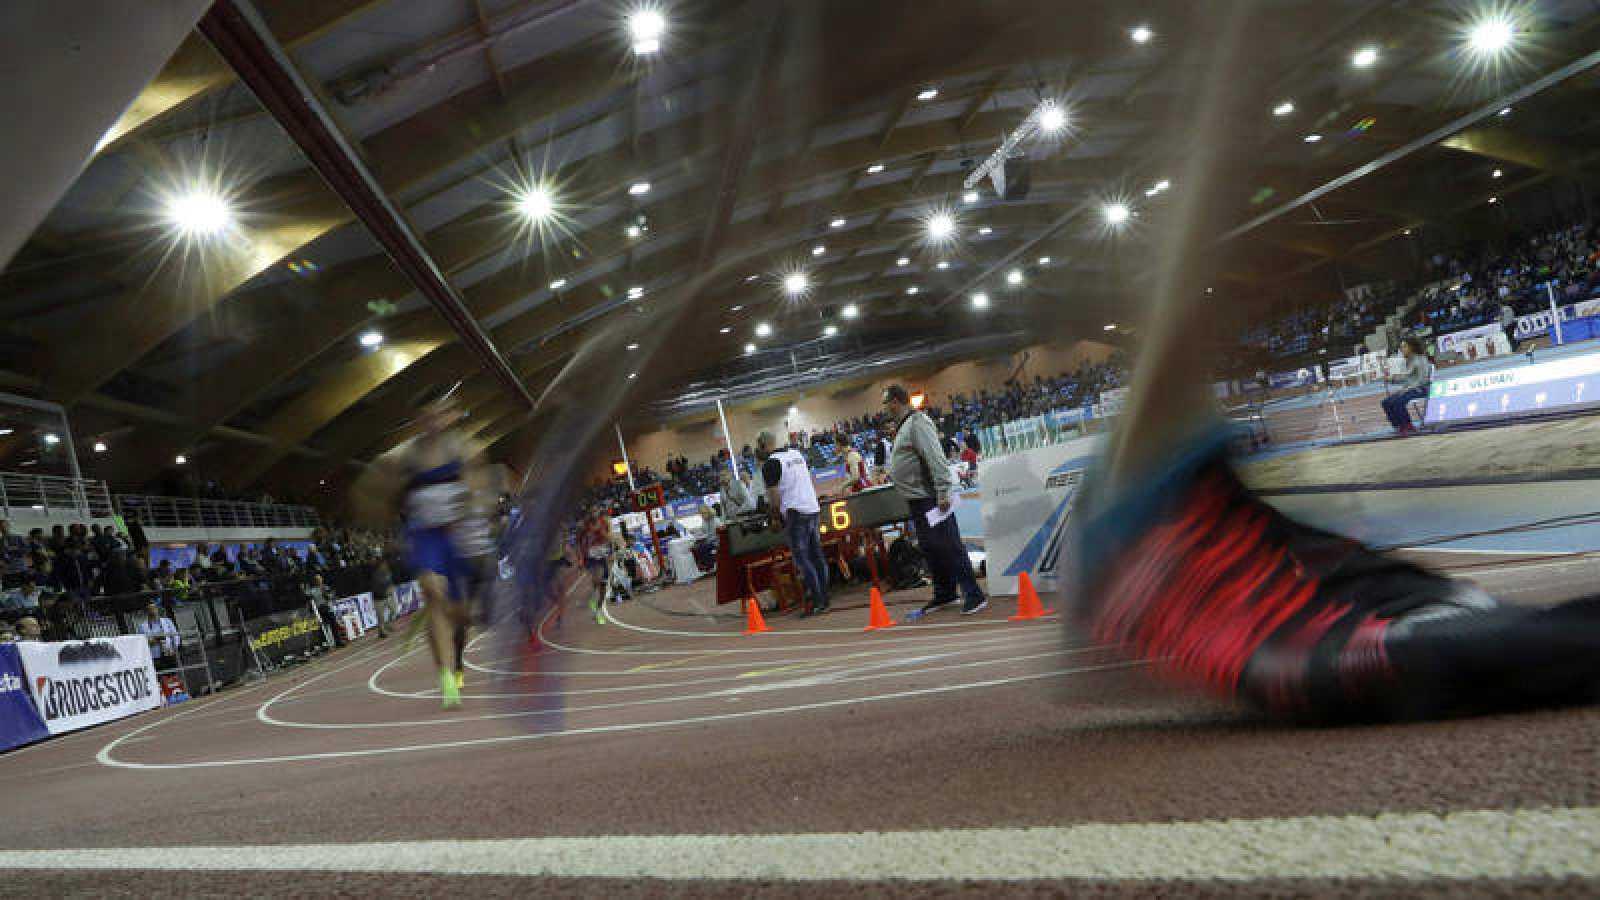 Imagen de la final de 800m de la Reunión Internacional de atletismo Villa de Madrid.